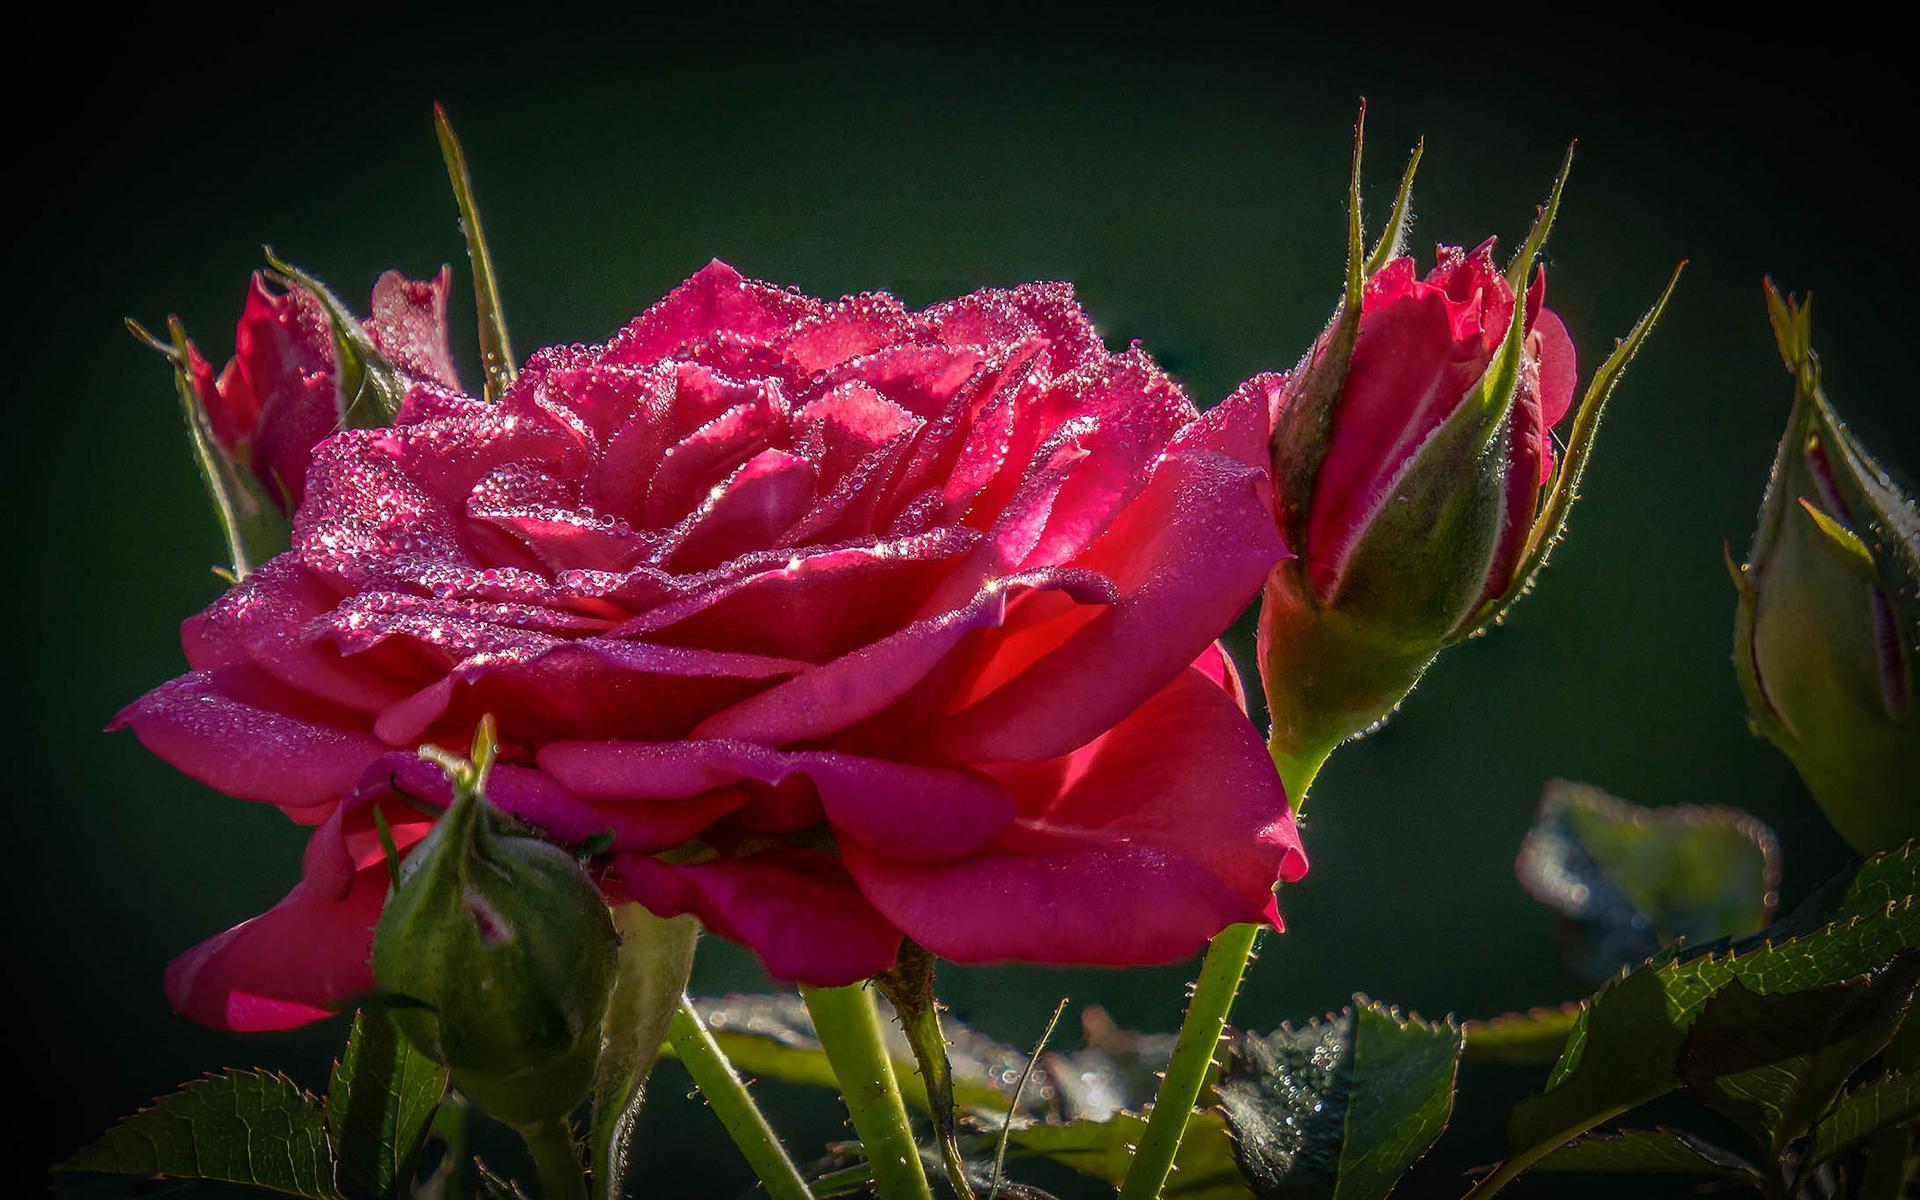 высокие картинки на телефон розы плетению кашпо газетных